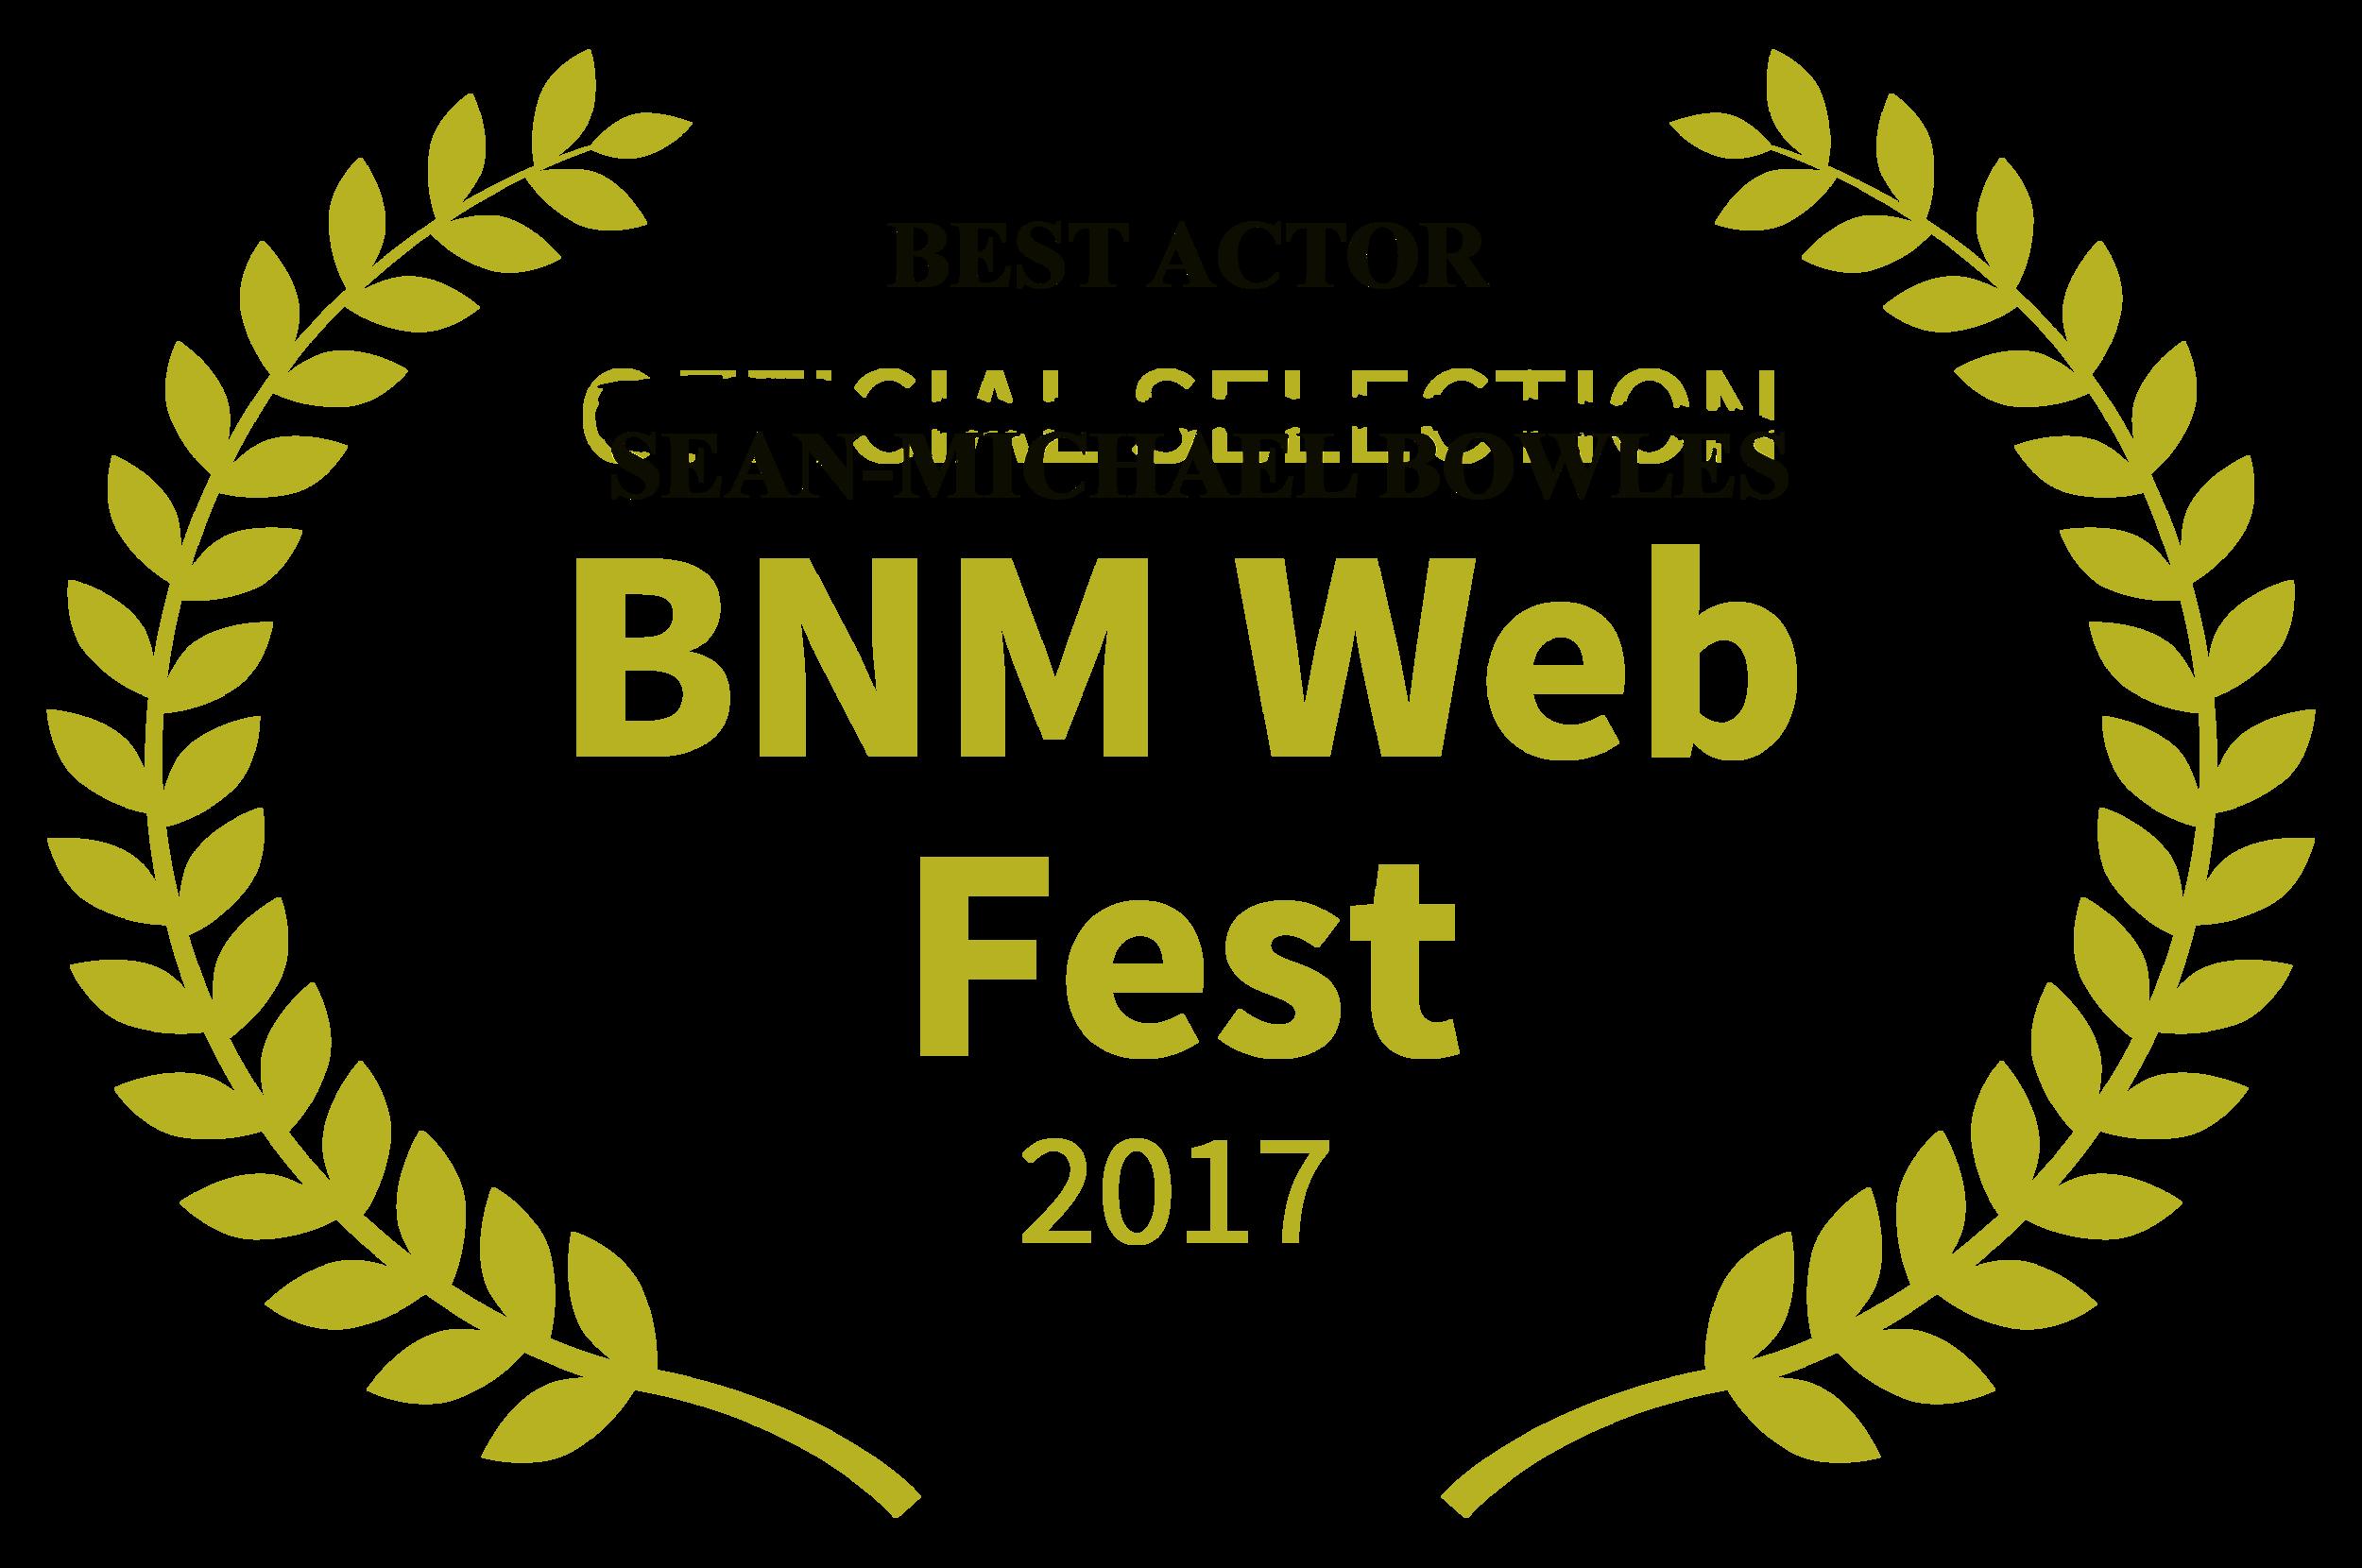 OFFICIALSELECTION-BNMWebFest-2017-1.png